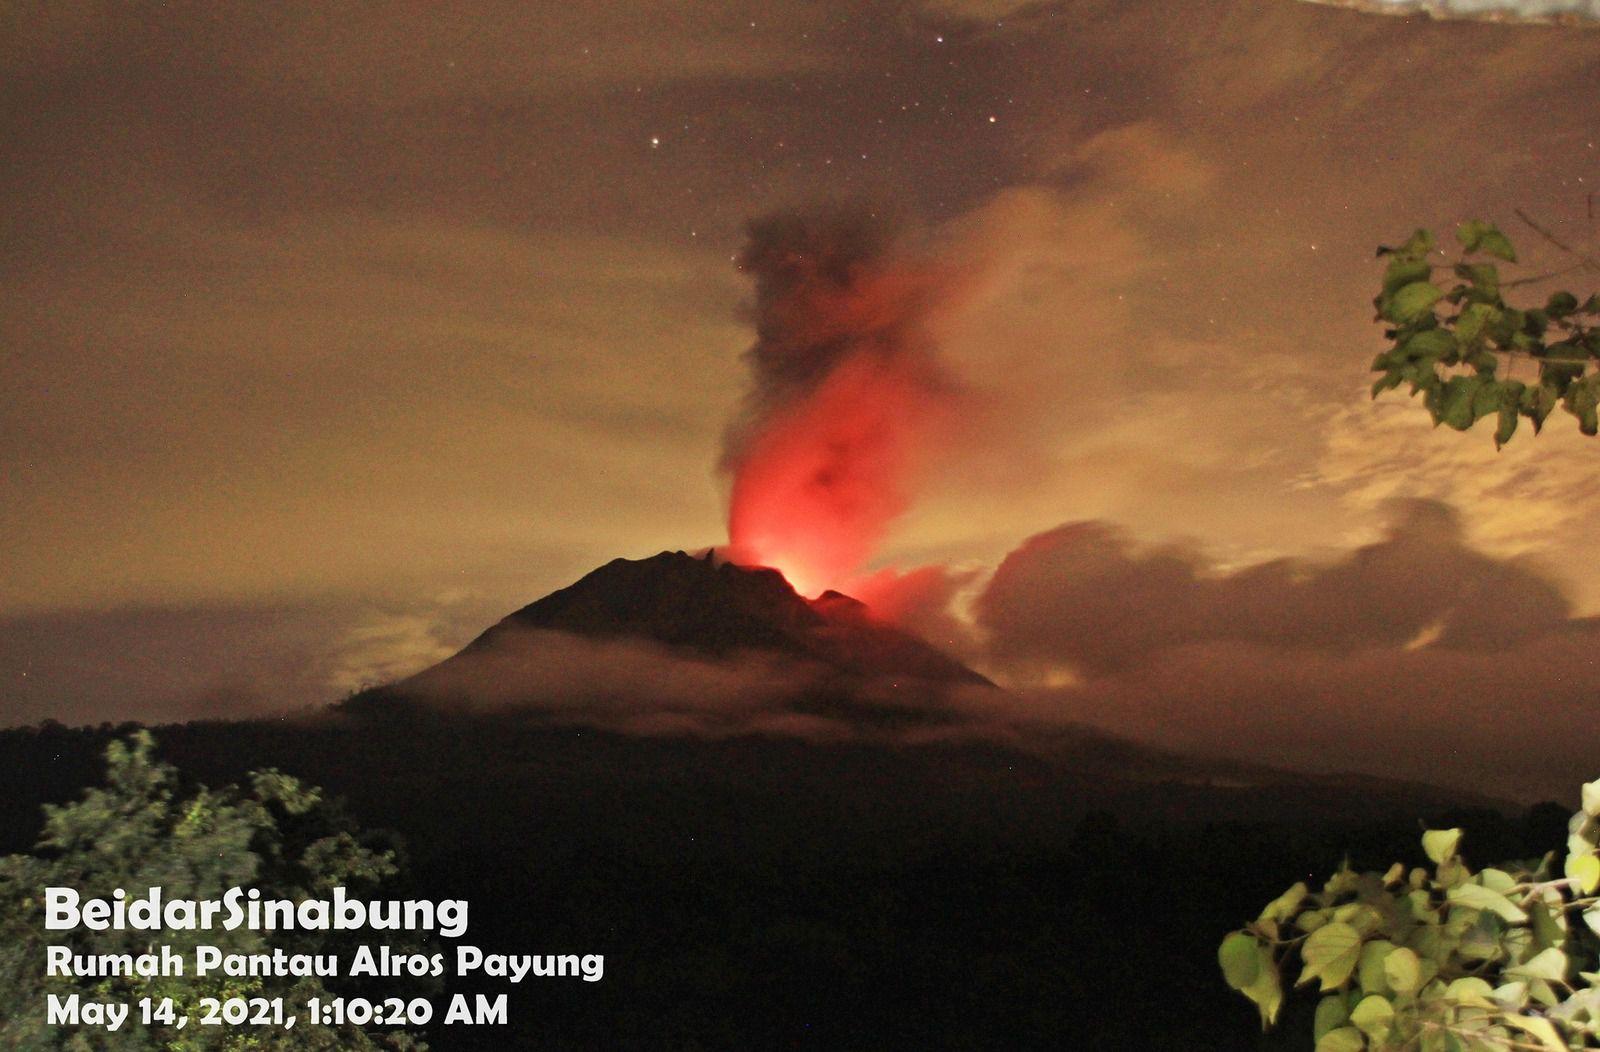 Sinabung - l'activité se poursuit ce 14.05.2021 / 01h10 - photo Beidar Sinabung